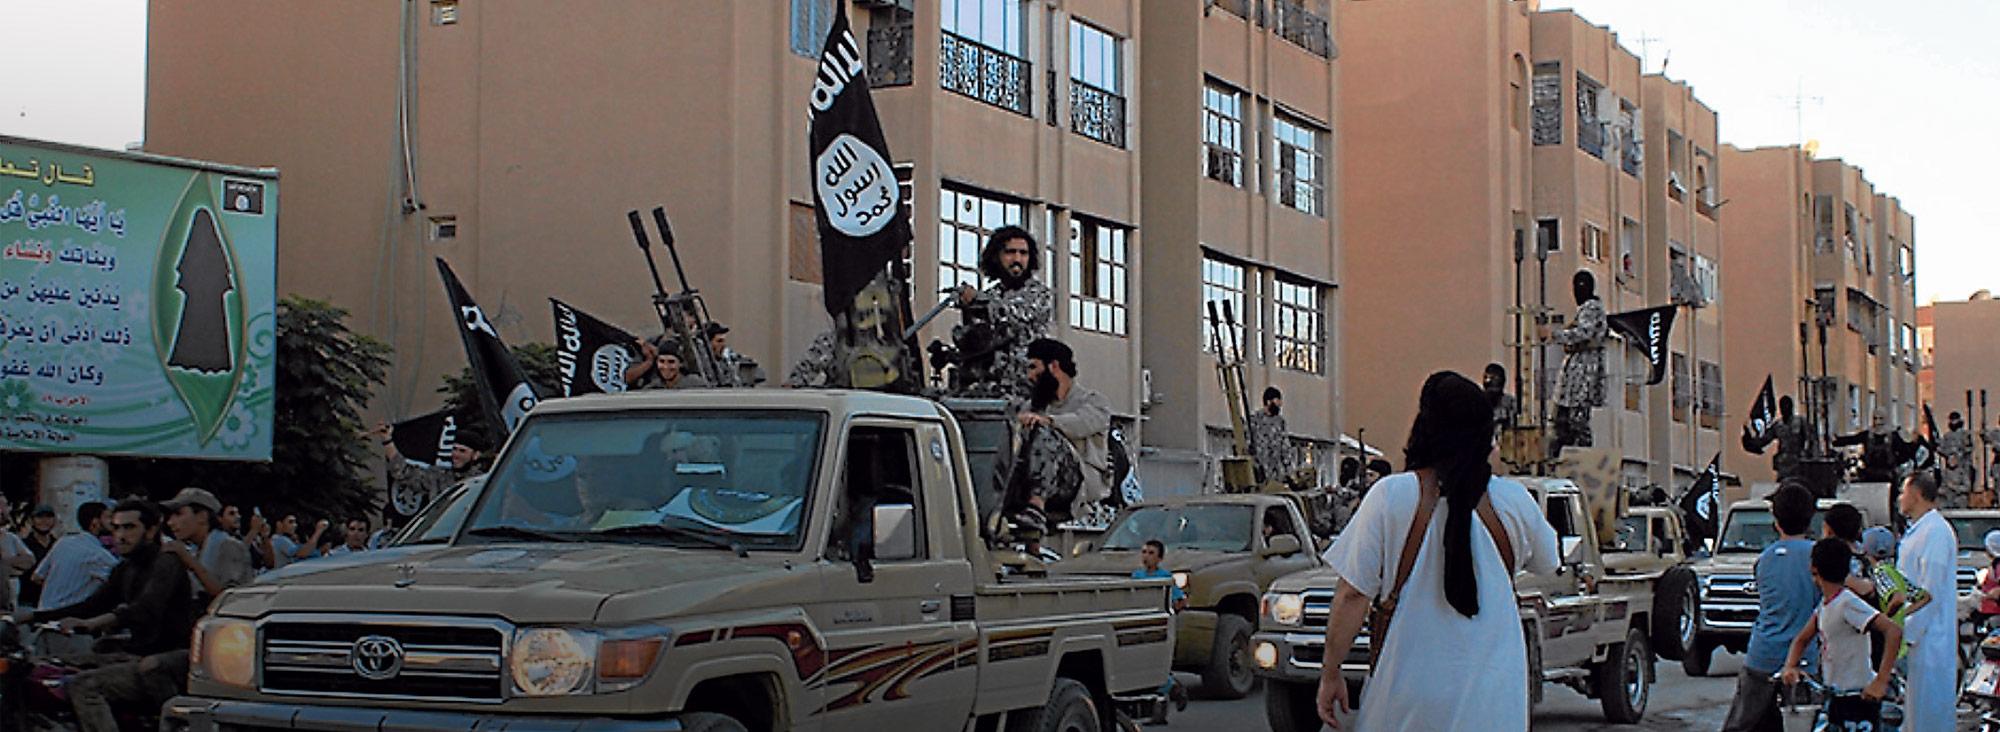 El EI aprovechó la situación política de Iraq y Siria